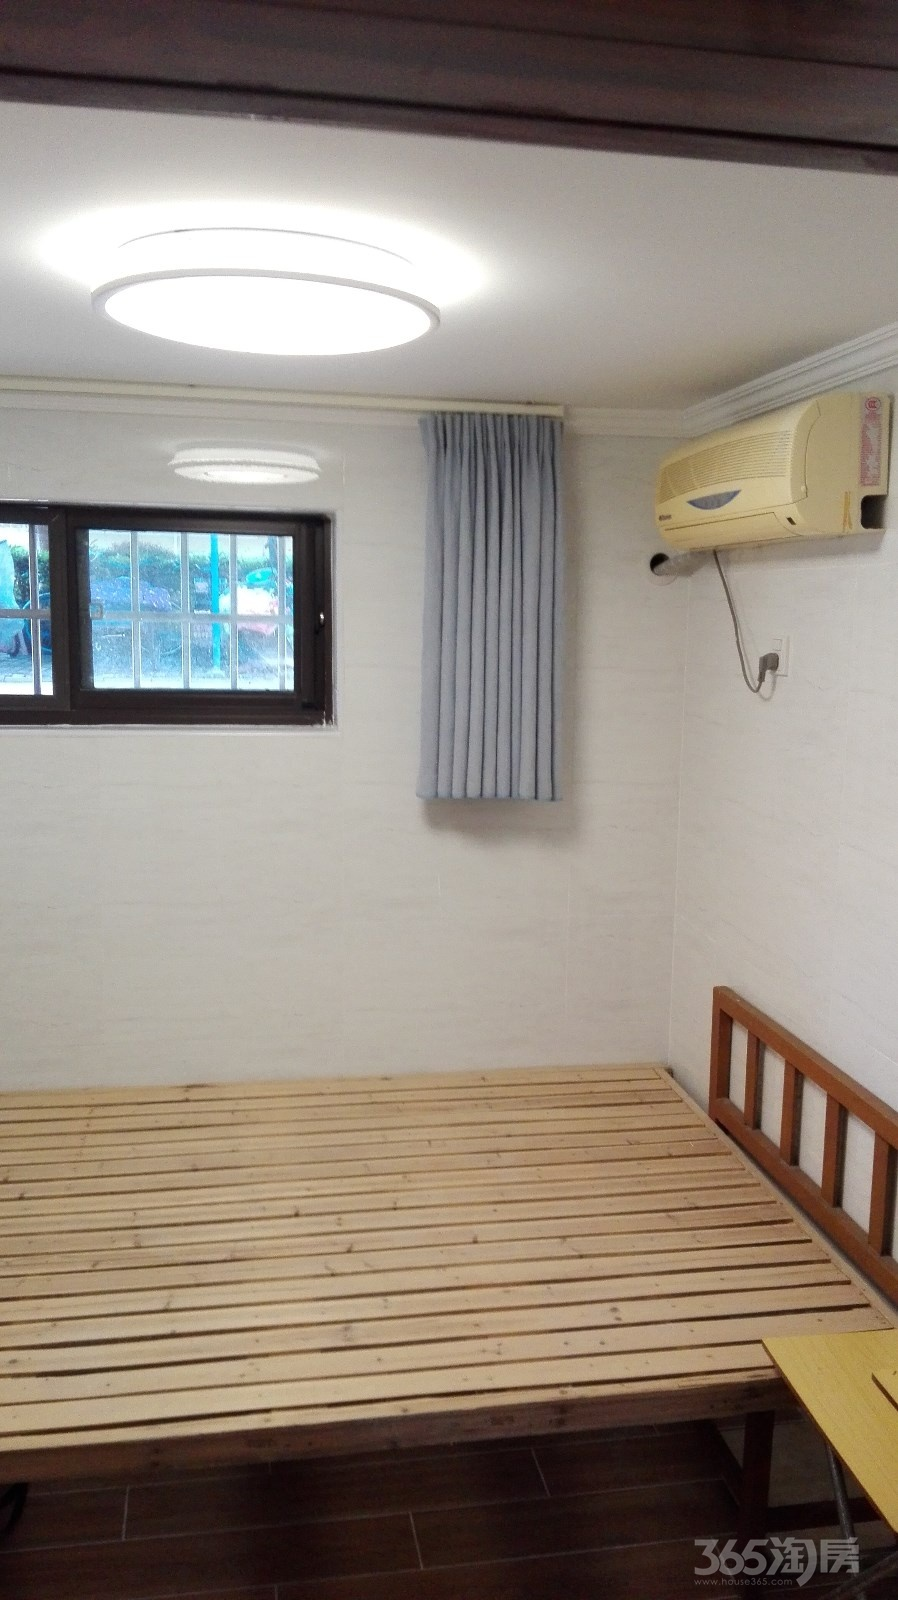 殷巷新寓238幢15平米精装修地下室整租